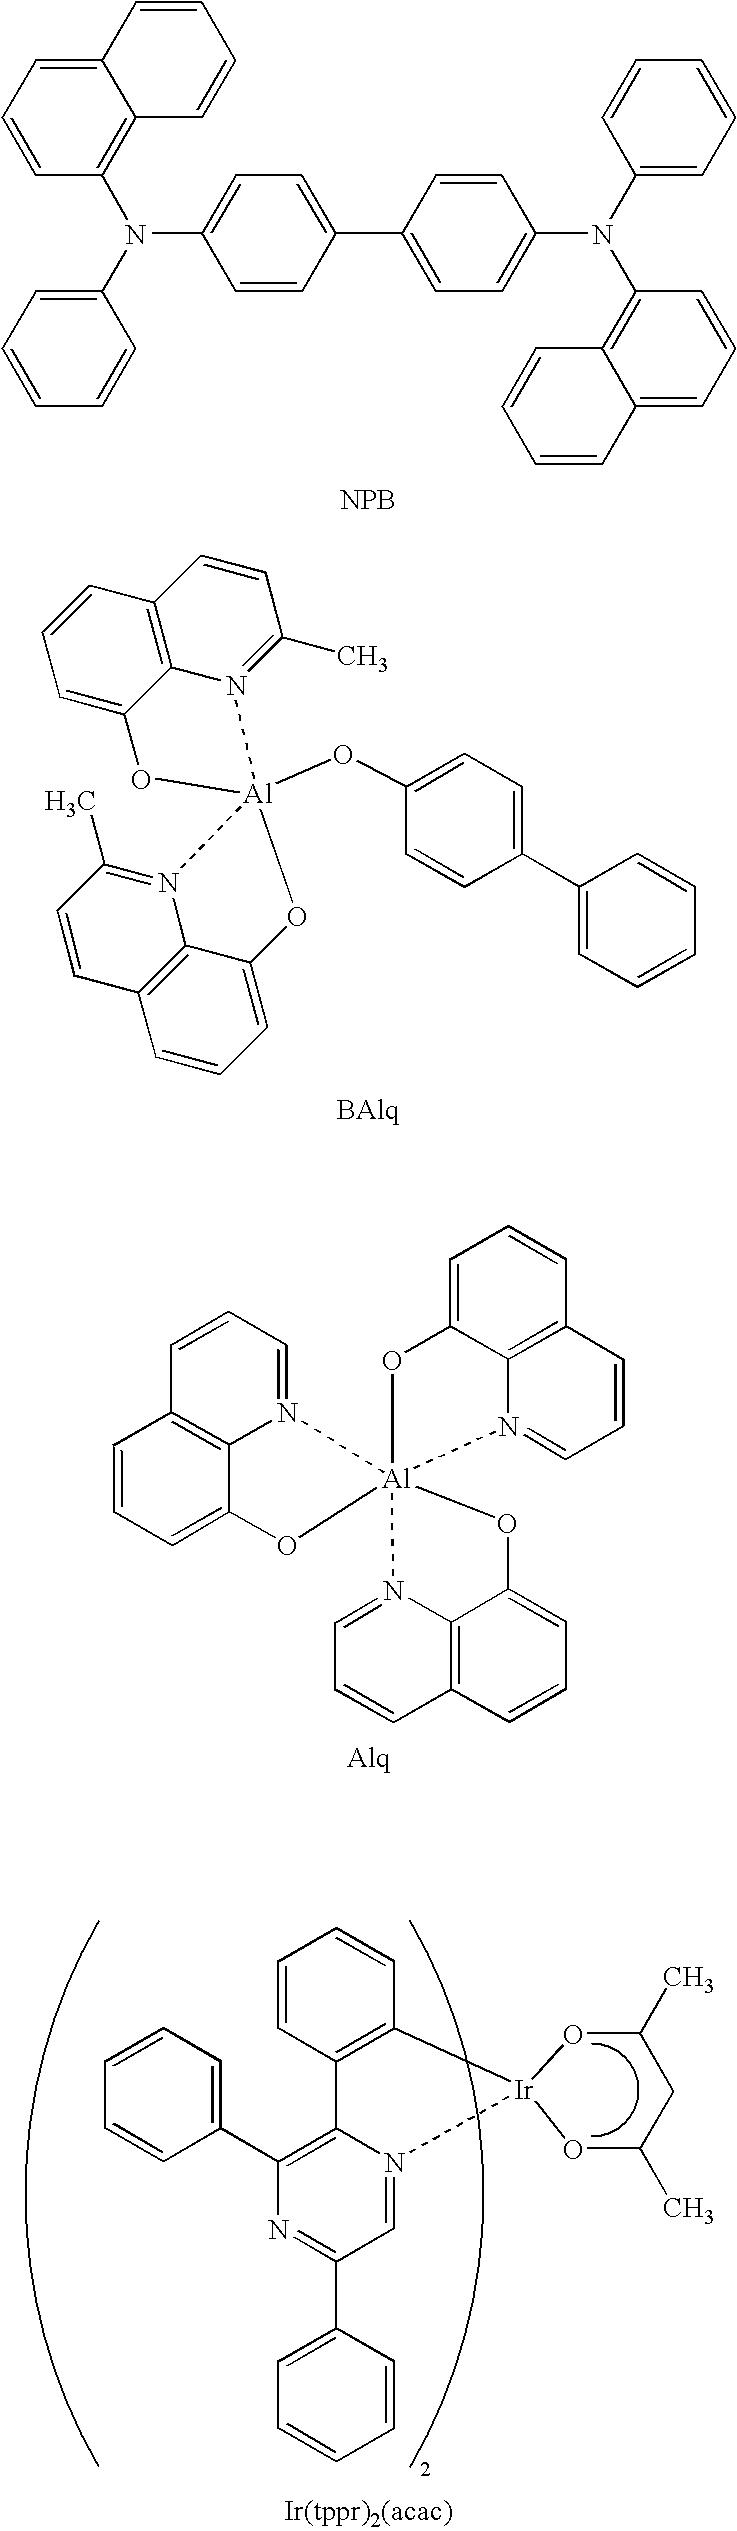 Figure US08178216-20120515-C00104